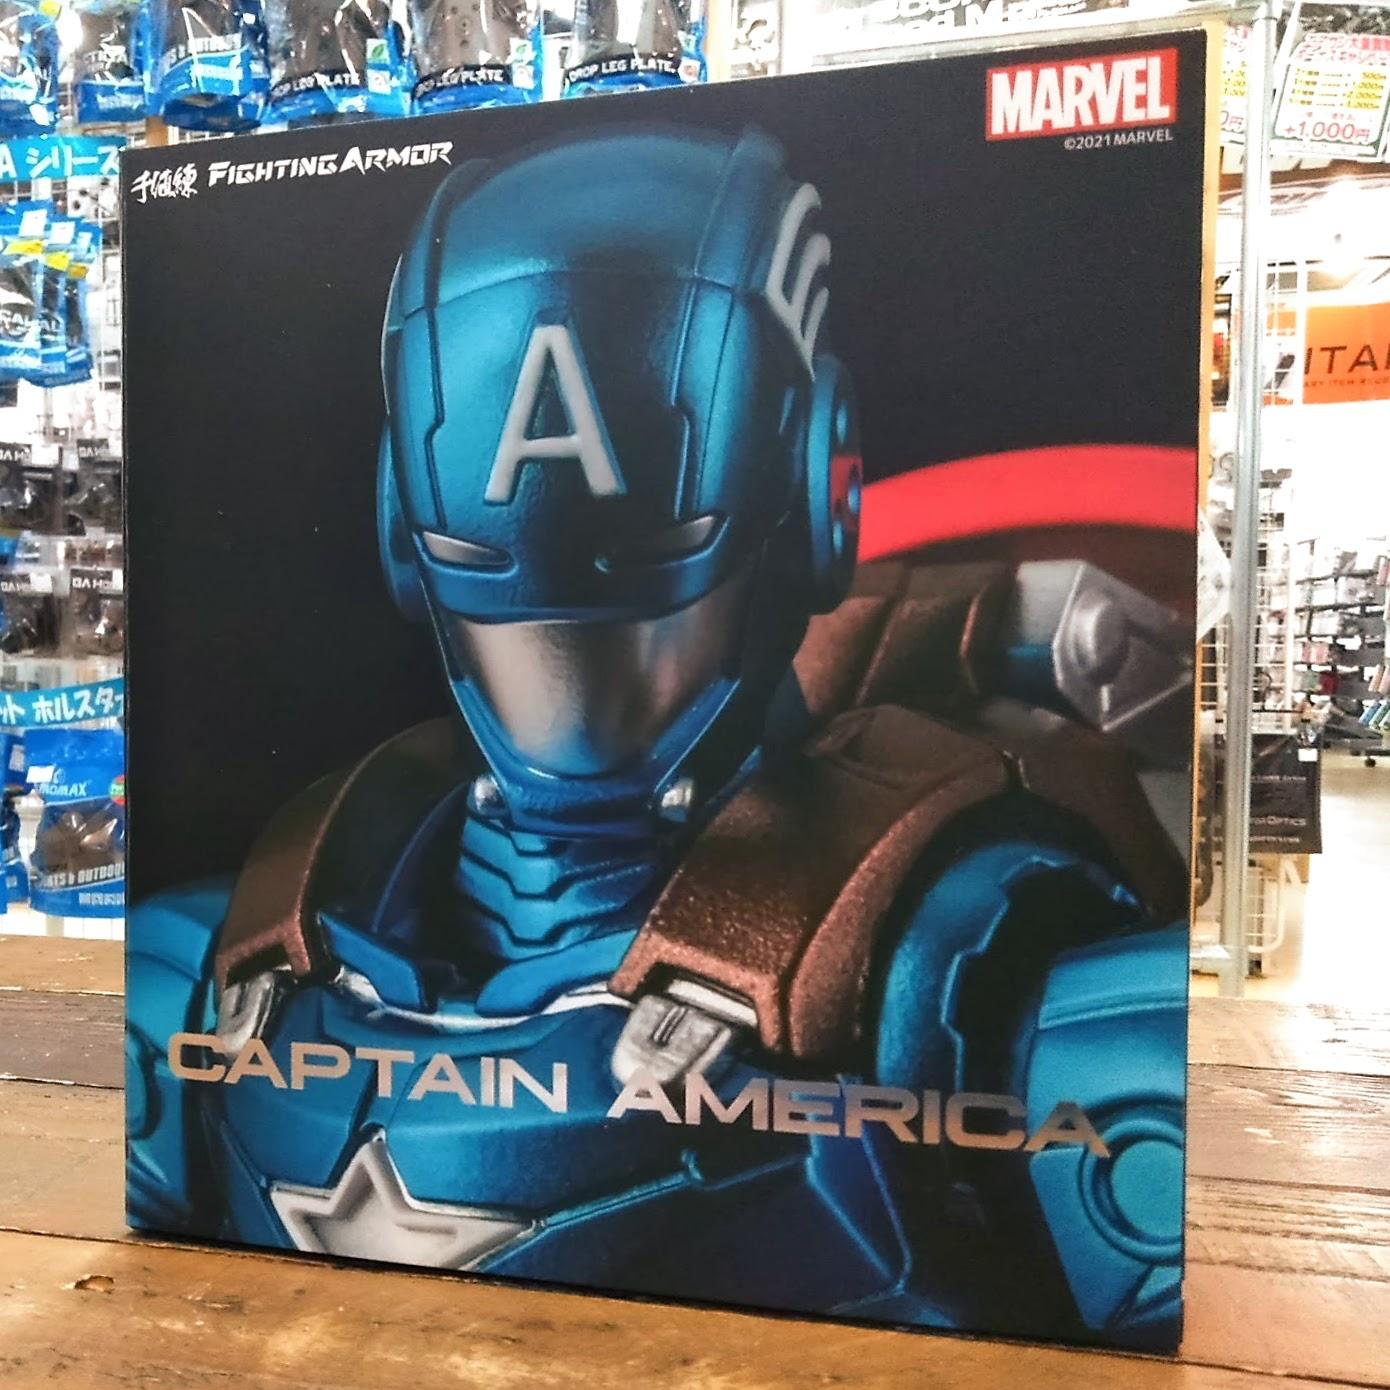 買取情報『千値練のファイティングアーマー キャプテン・アメリカ 「キャプテン・アメリカ」 アクションフィギュア』